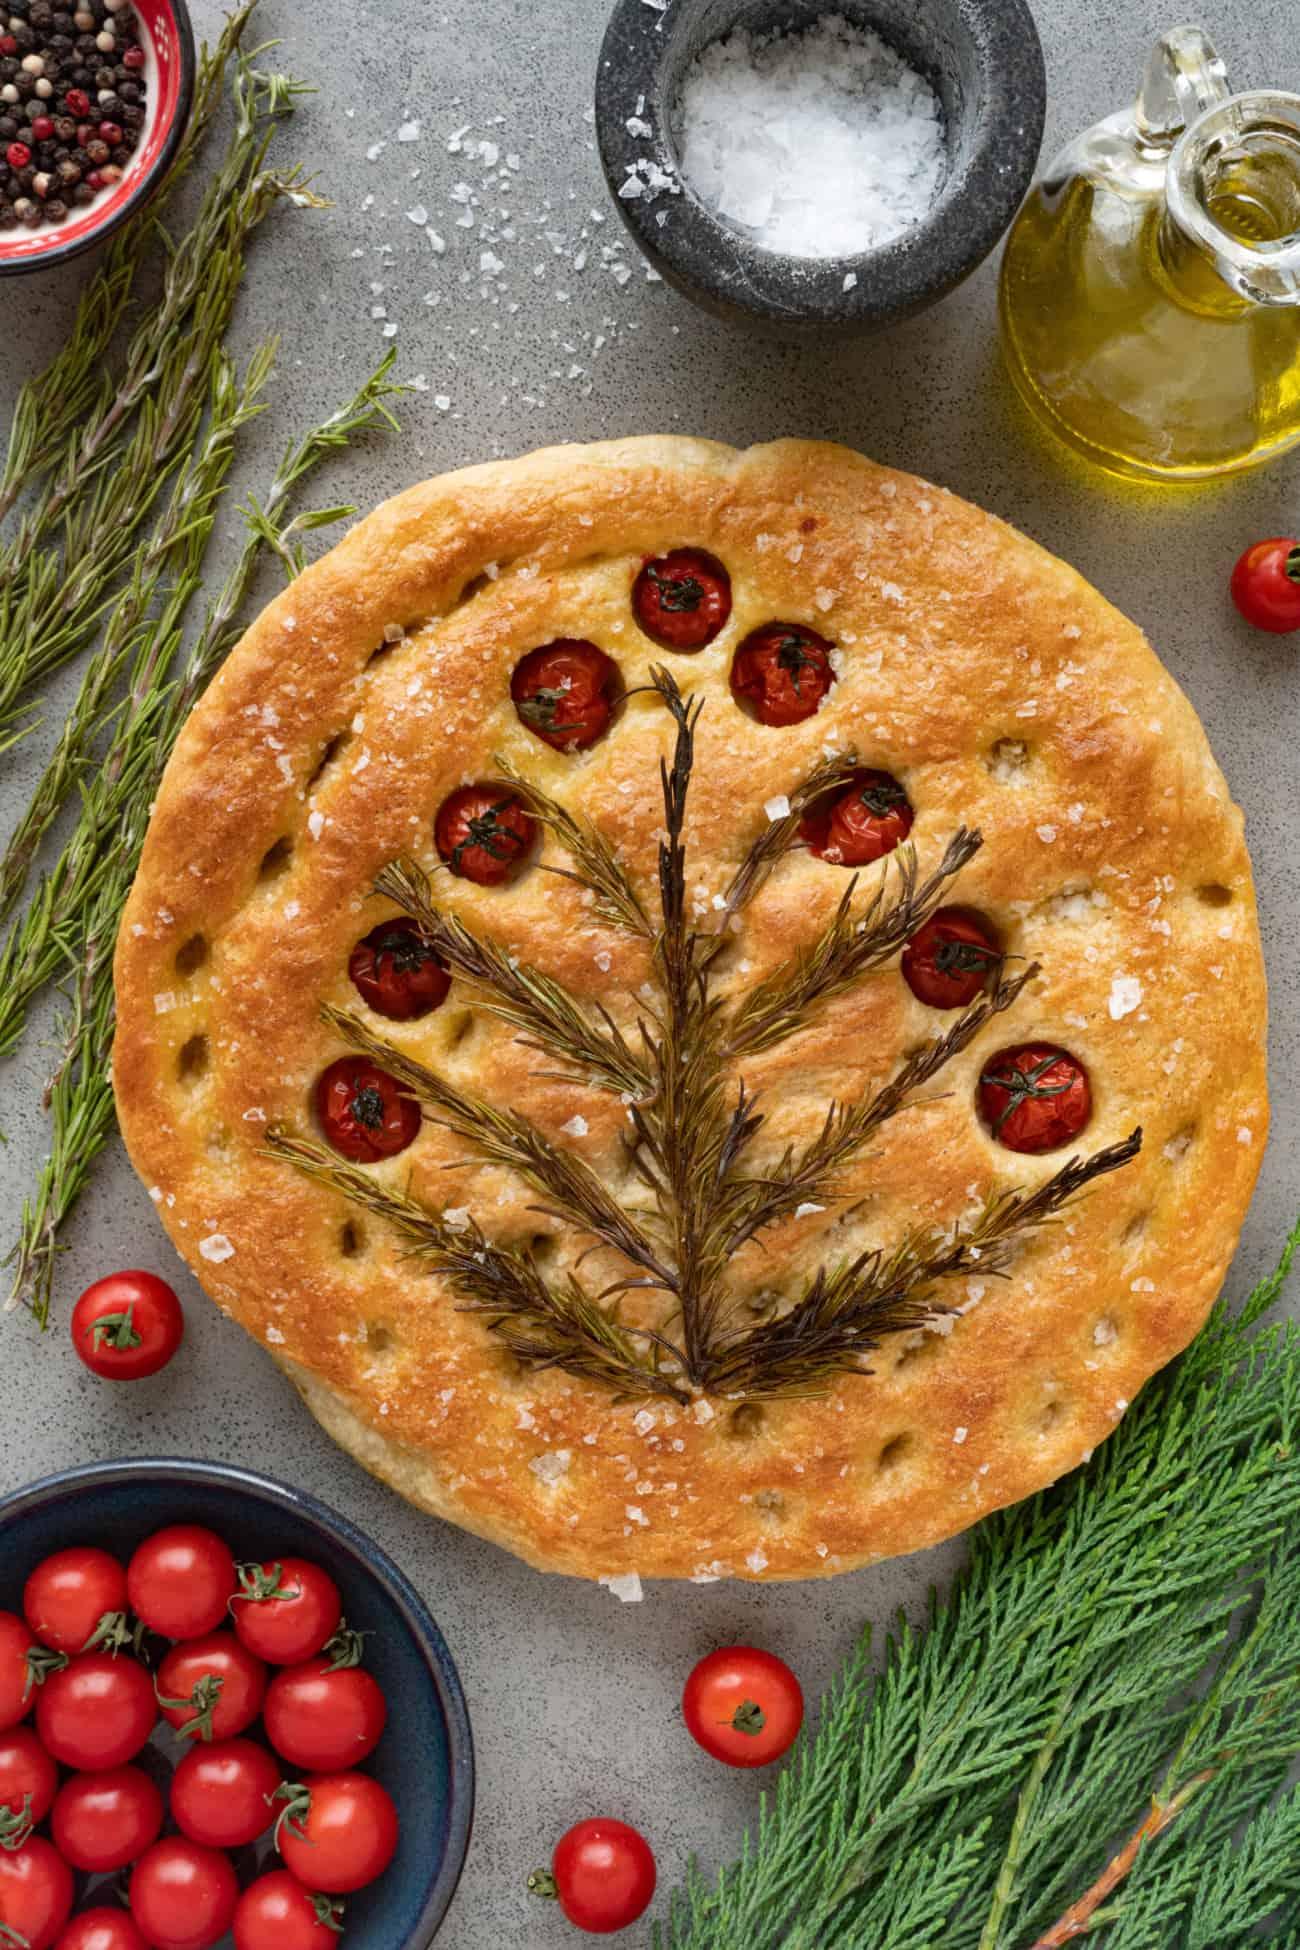 Cherry Tomato and Rosemary Focaccia Bread